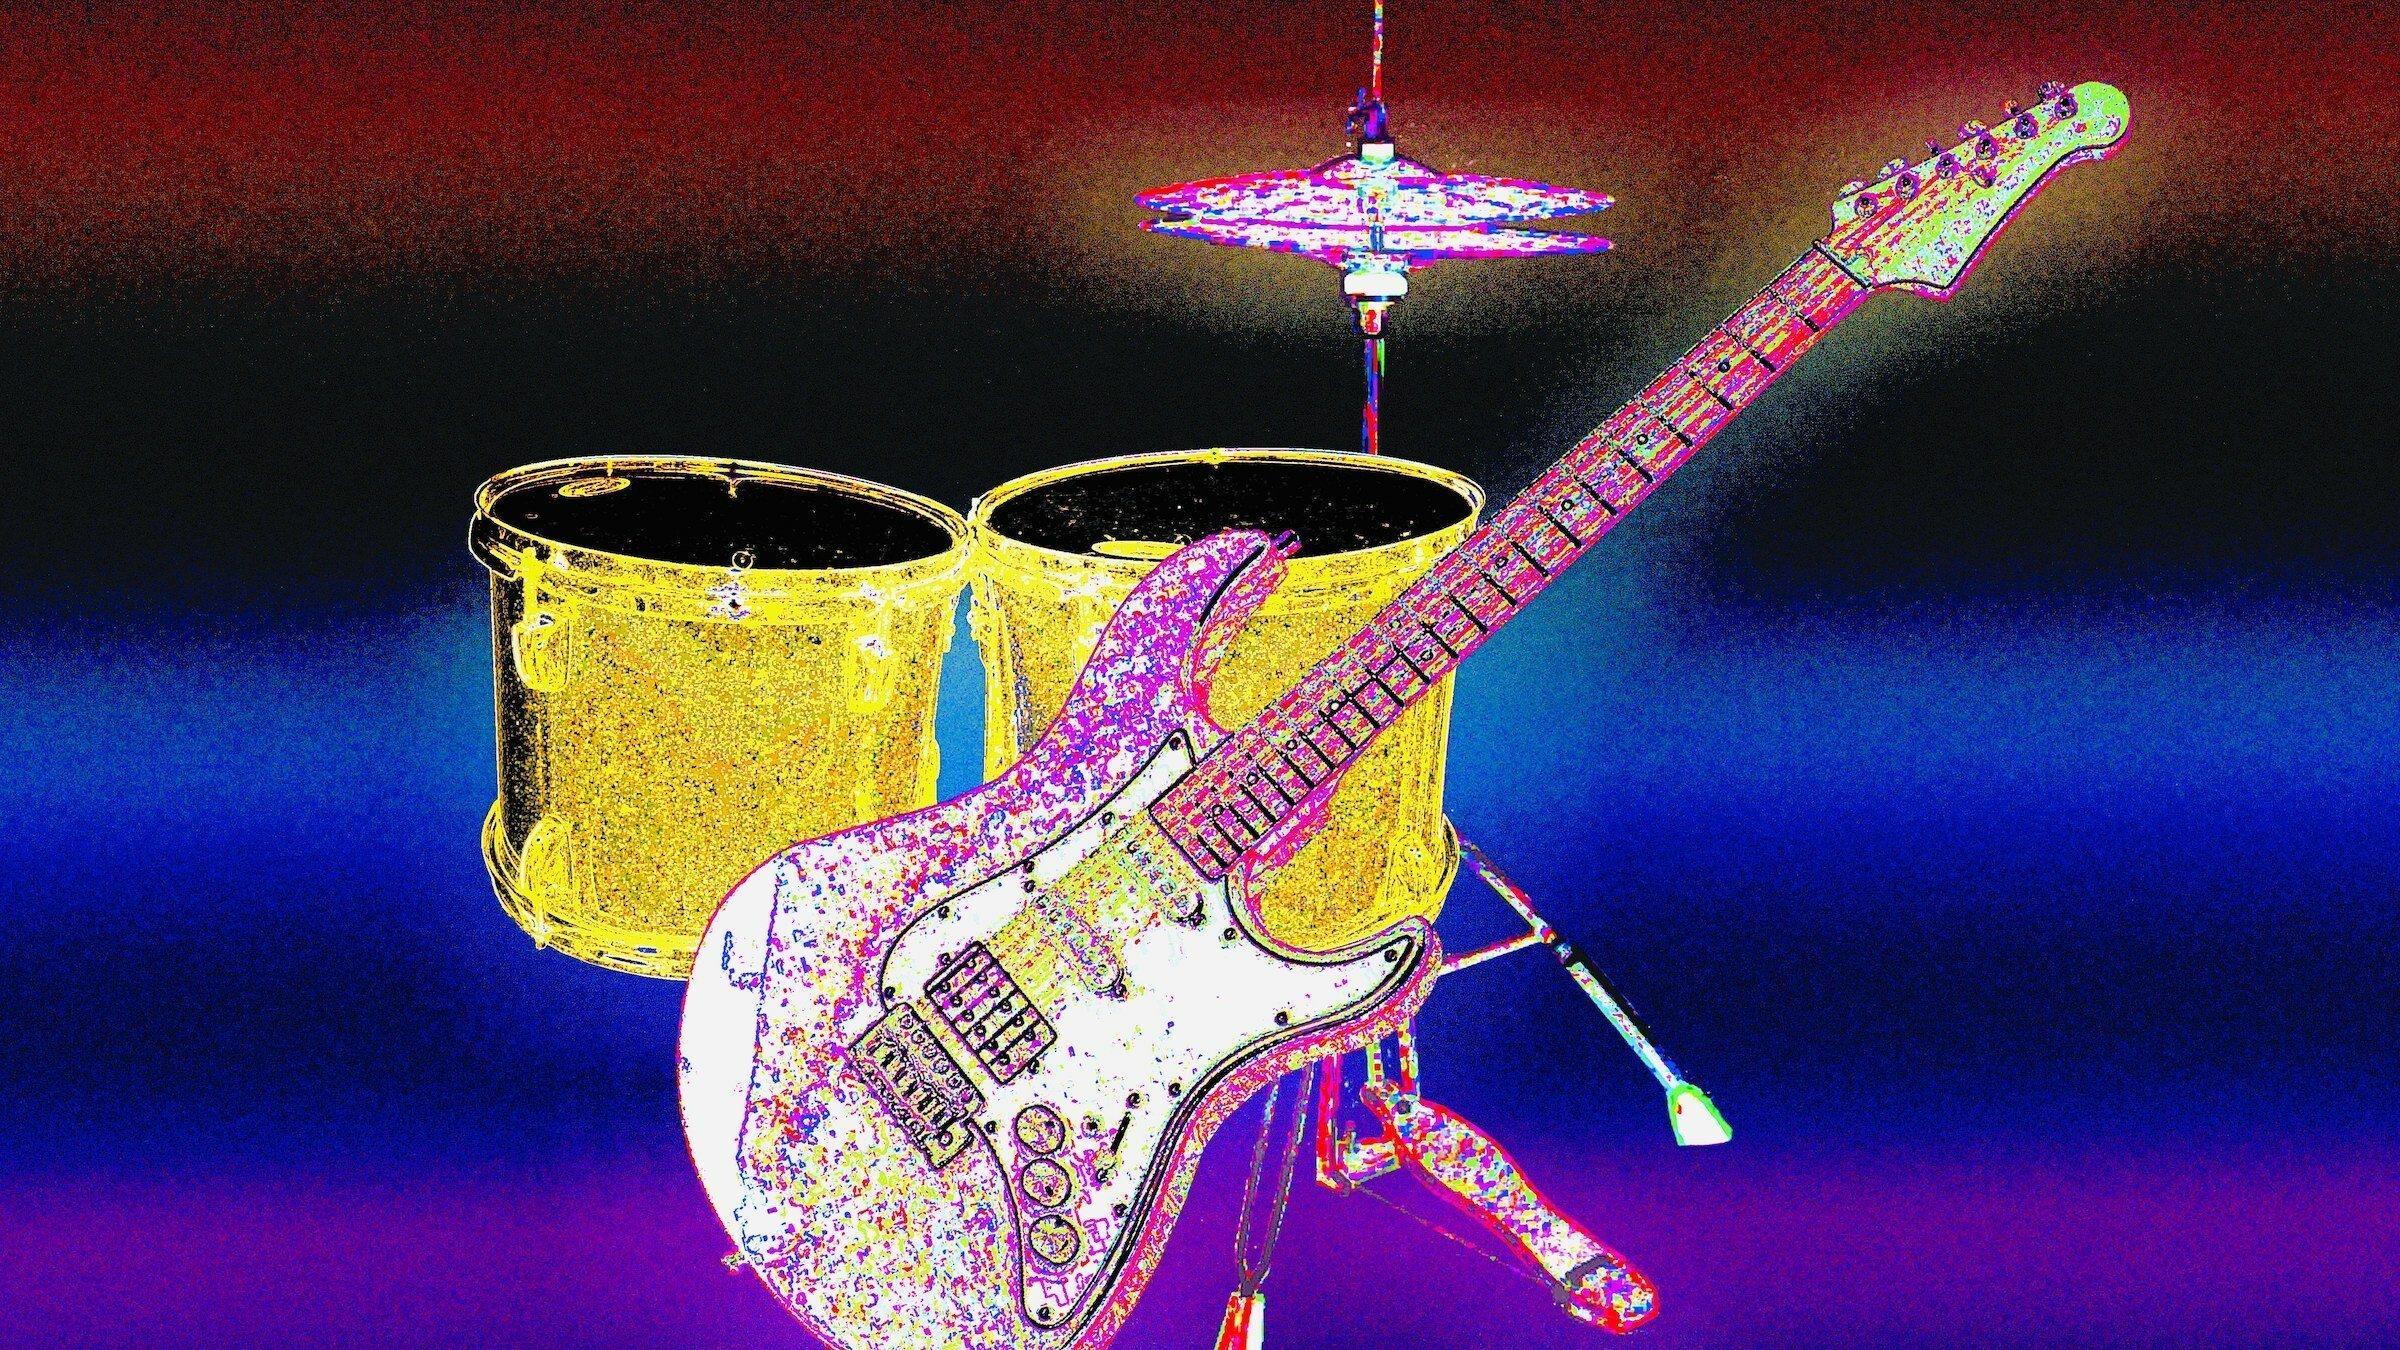 Fotomontage mit einer E-Gitarre, TomTom-Trommeln und Hi-Hat-Becken, die farbig verfremdet wiedergegeben werden. Der Text dazu: Gibt es eigentlich Musik, die die Klimakrise thematisiert. Songs, die Gemeinschaft auf der Demo schaffen und Identität beim Klimaschutz?